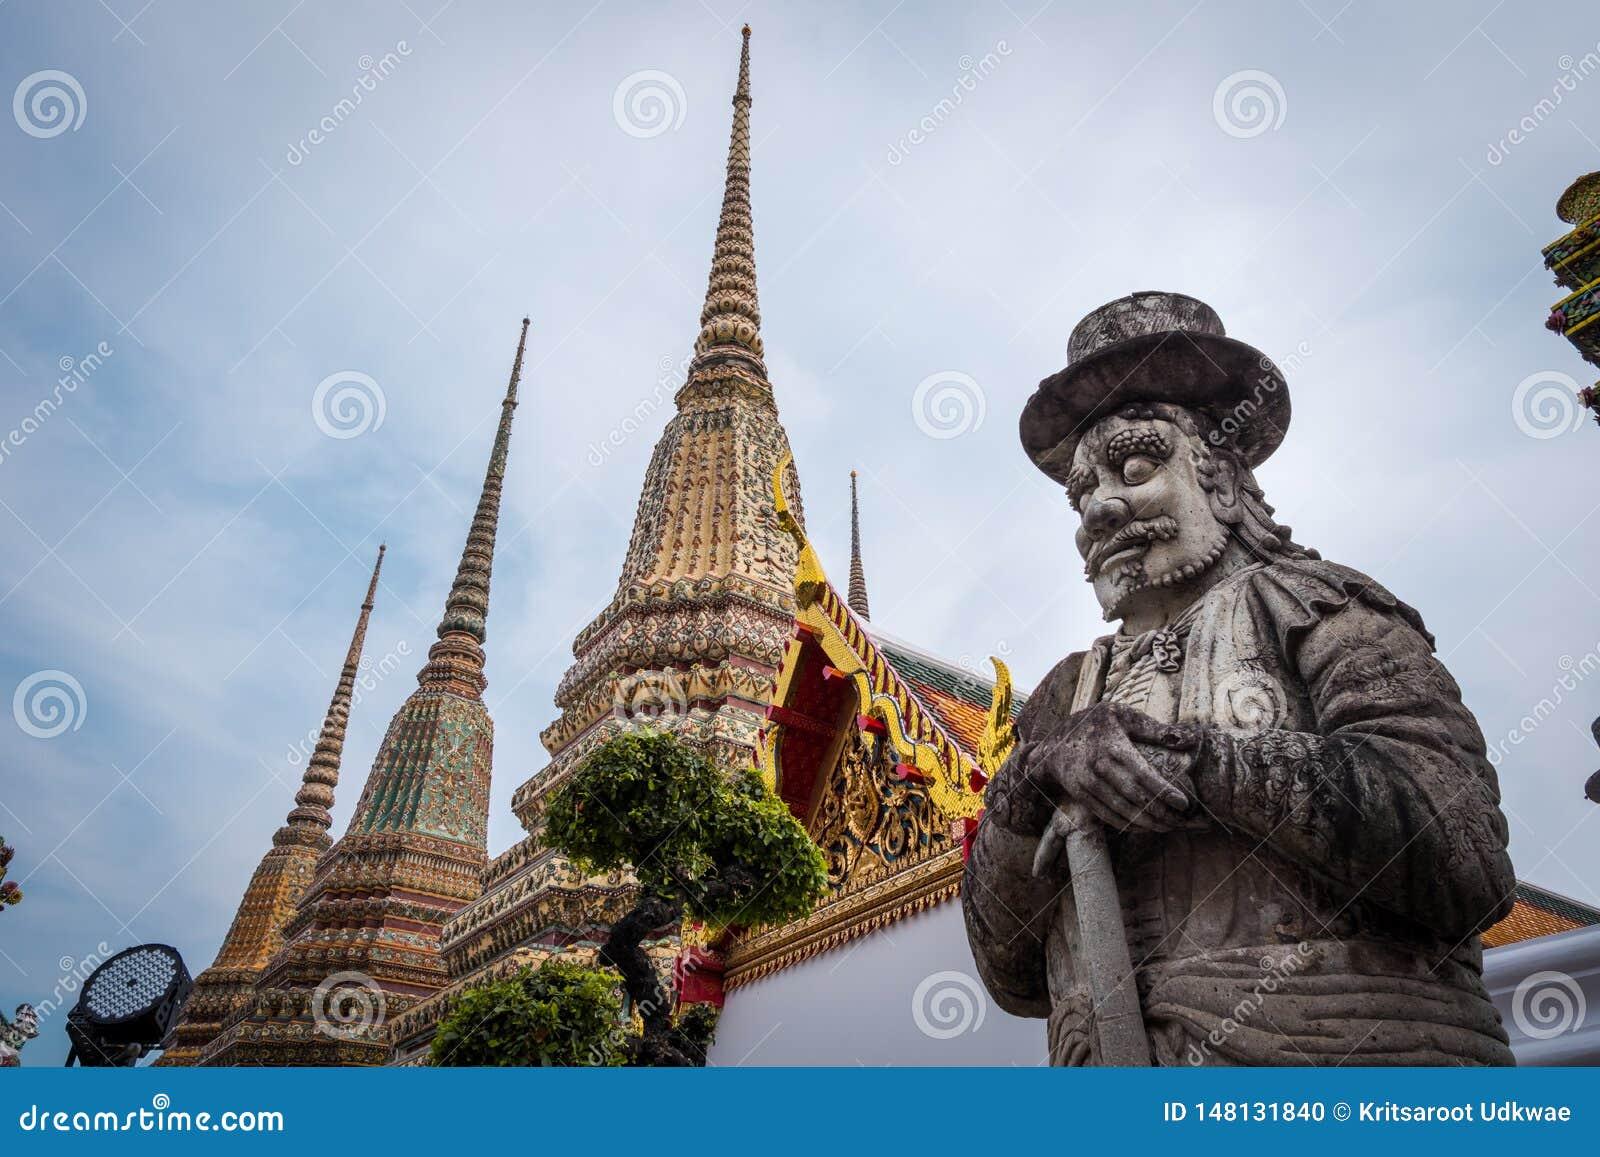 在Wat Phra Chetuphon Wat Pho或Wat Phra Chetuphon Vimolmangklararm Rajwaramahaviharn的中国大雕象